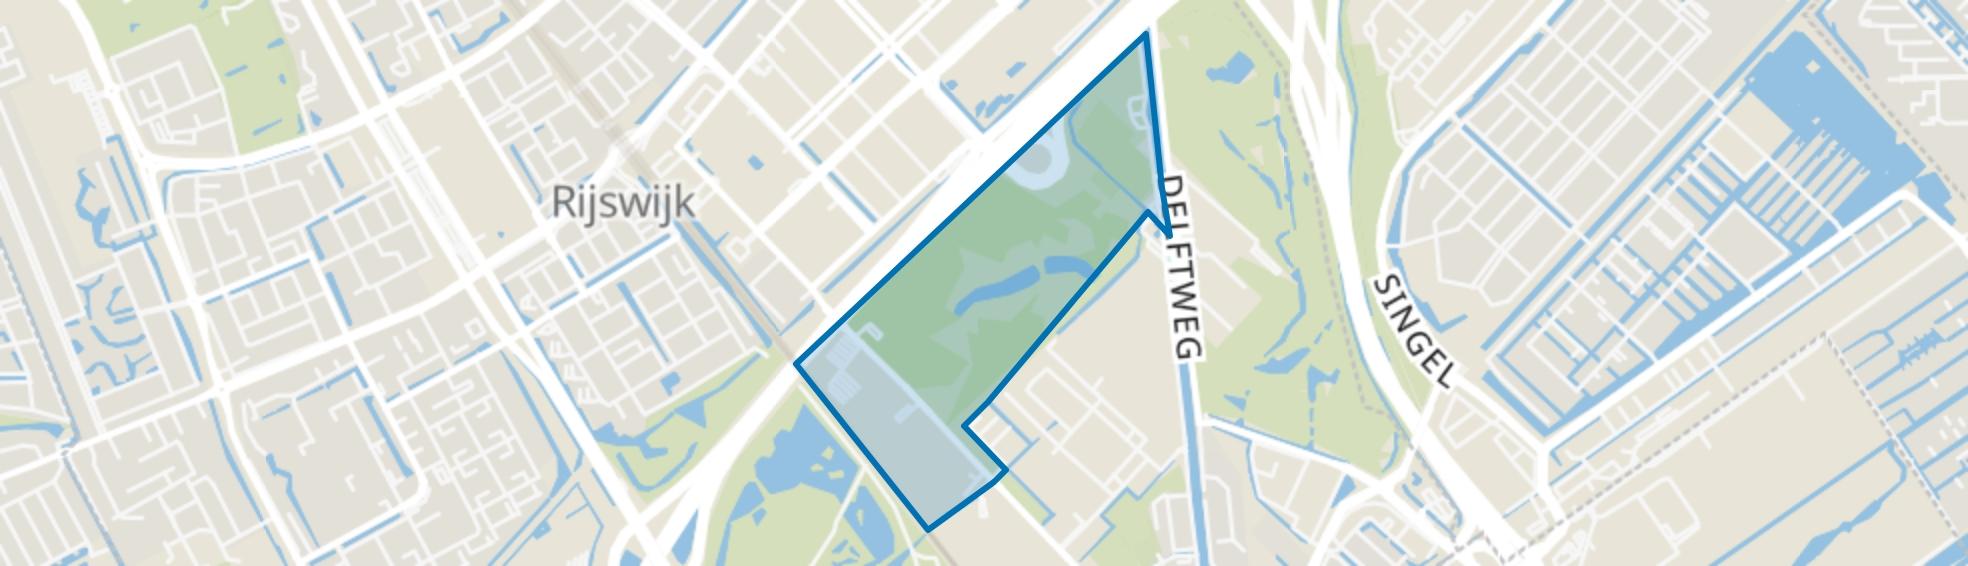 Elsenburg, Rijswijk (ZH) map